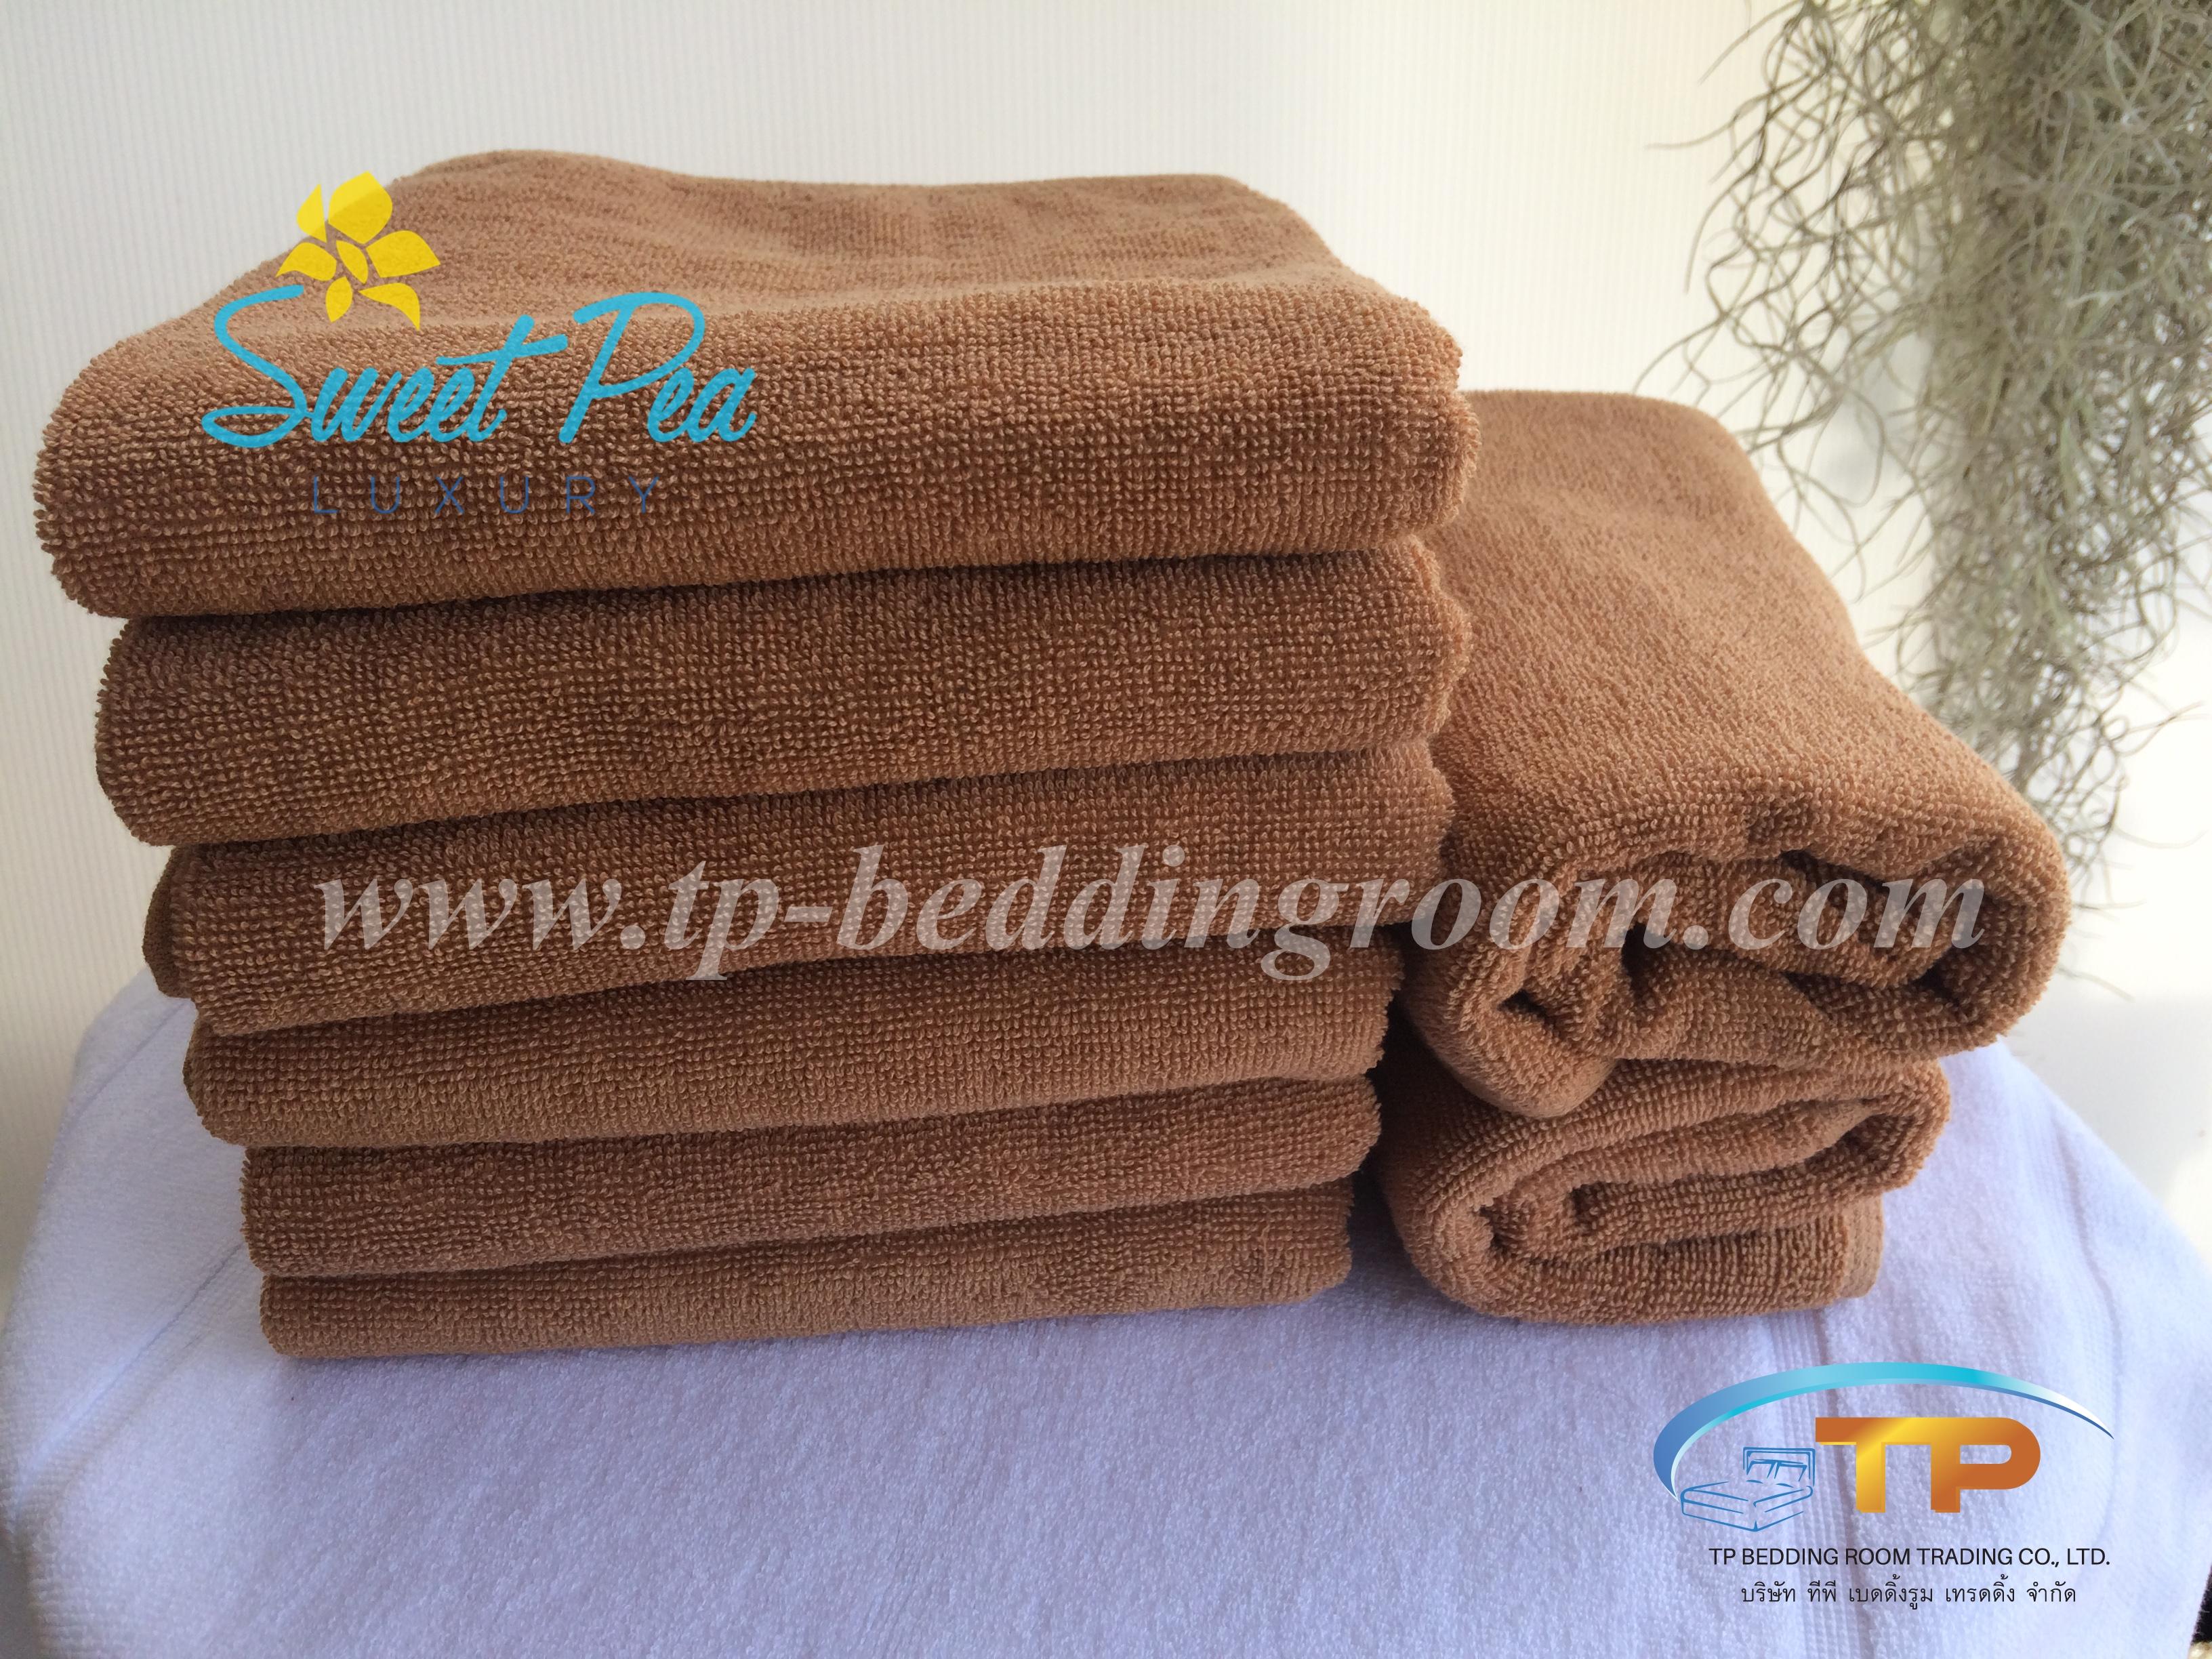 ผ้าขนหนูเช็ดตัวไซส์ฝรั่ง 30″ x 60″ 16 ปอนด์ สีน้ำตาลทอง